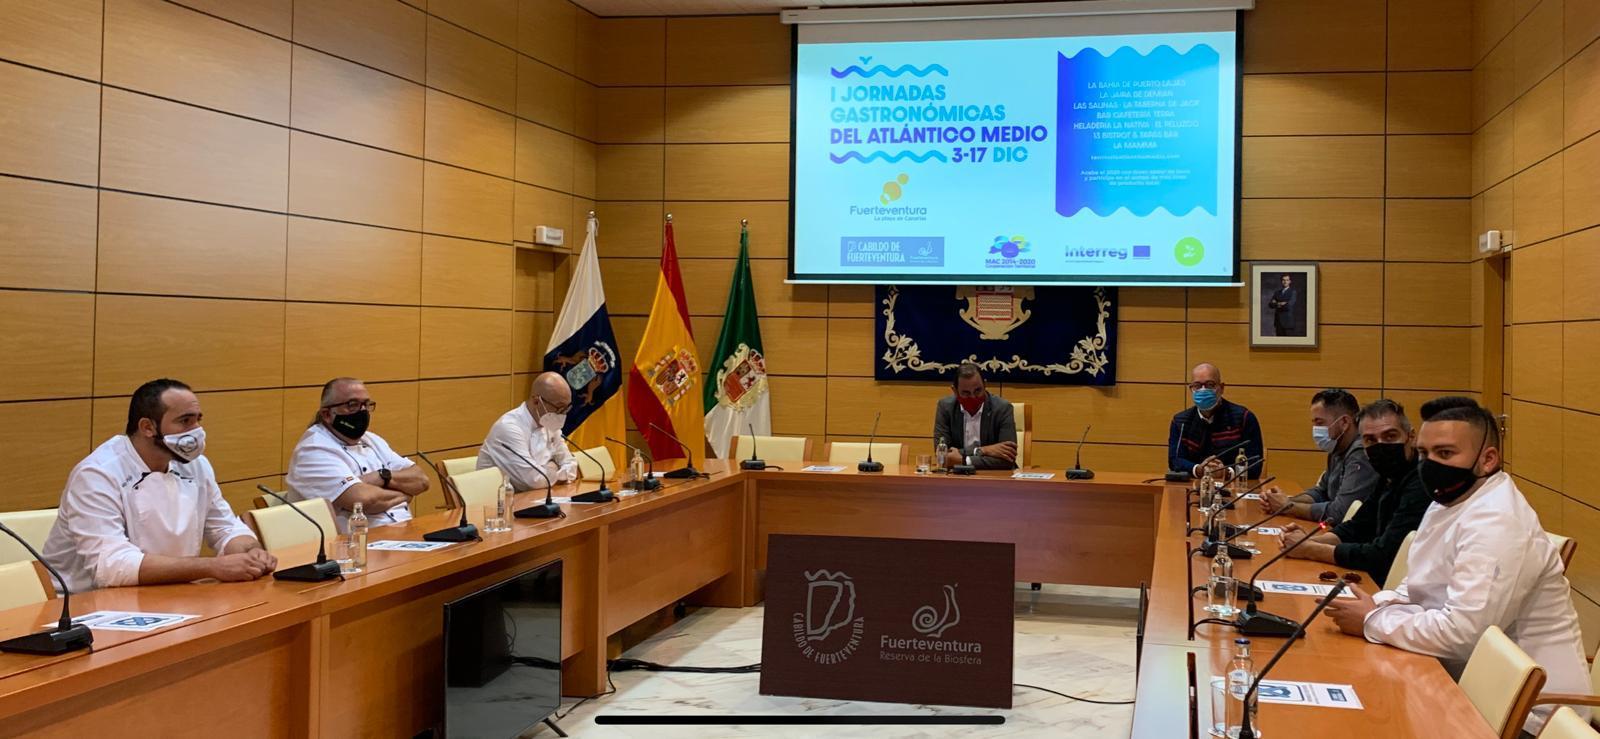 El Cabildo de Fuerteventura presenta las I Jornadas Gastronómicas del Atlántico Medio